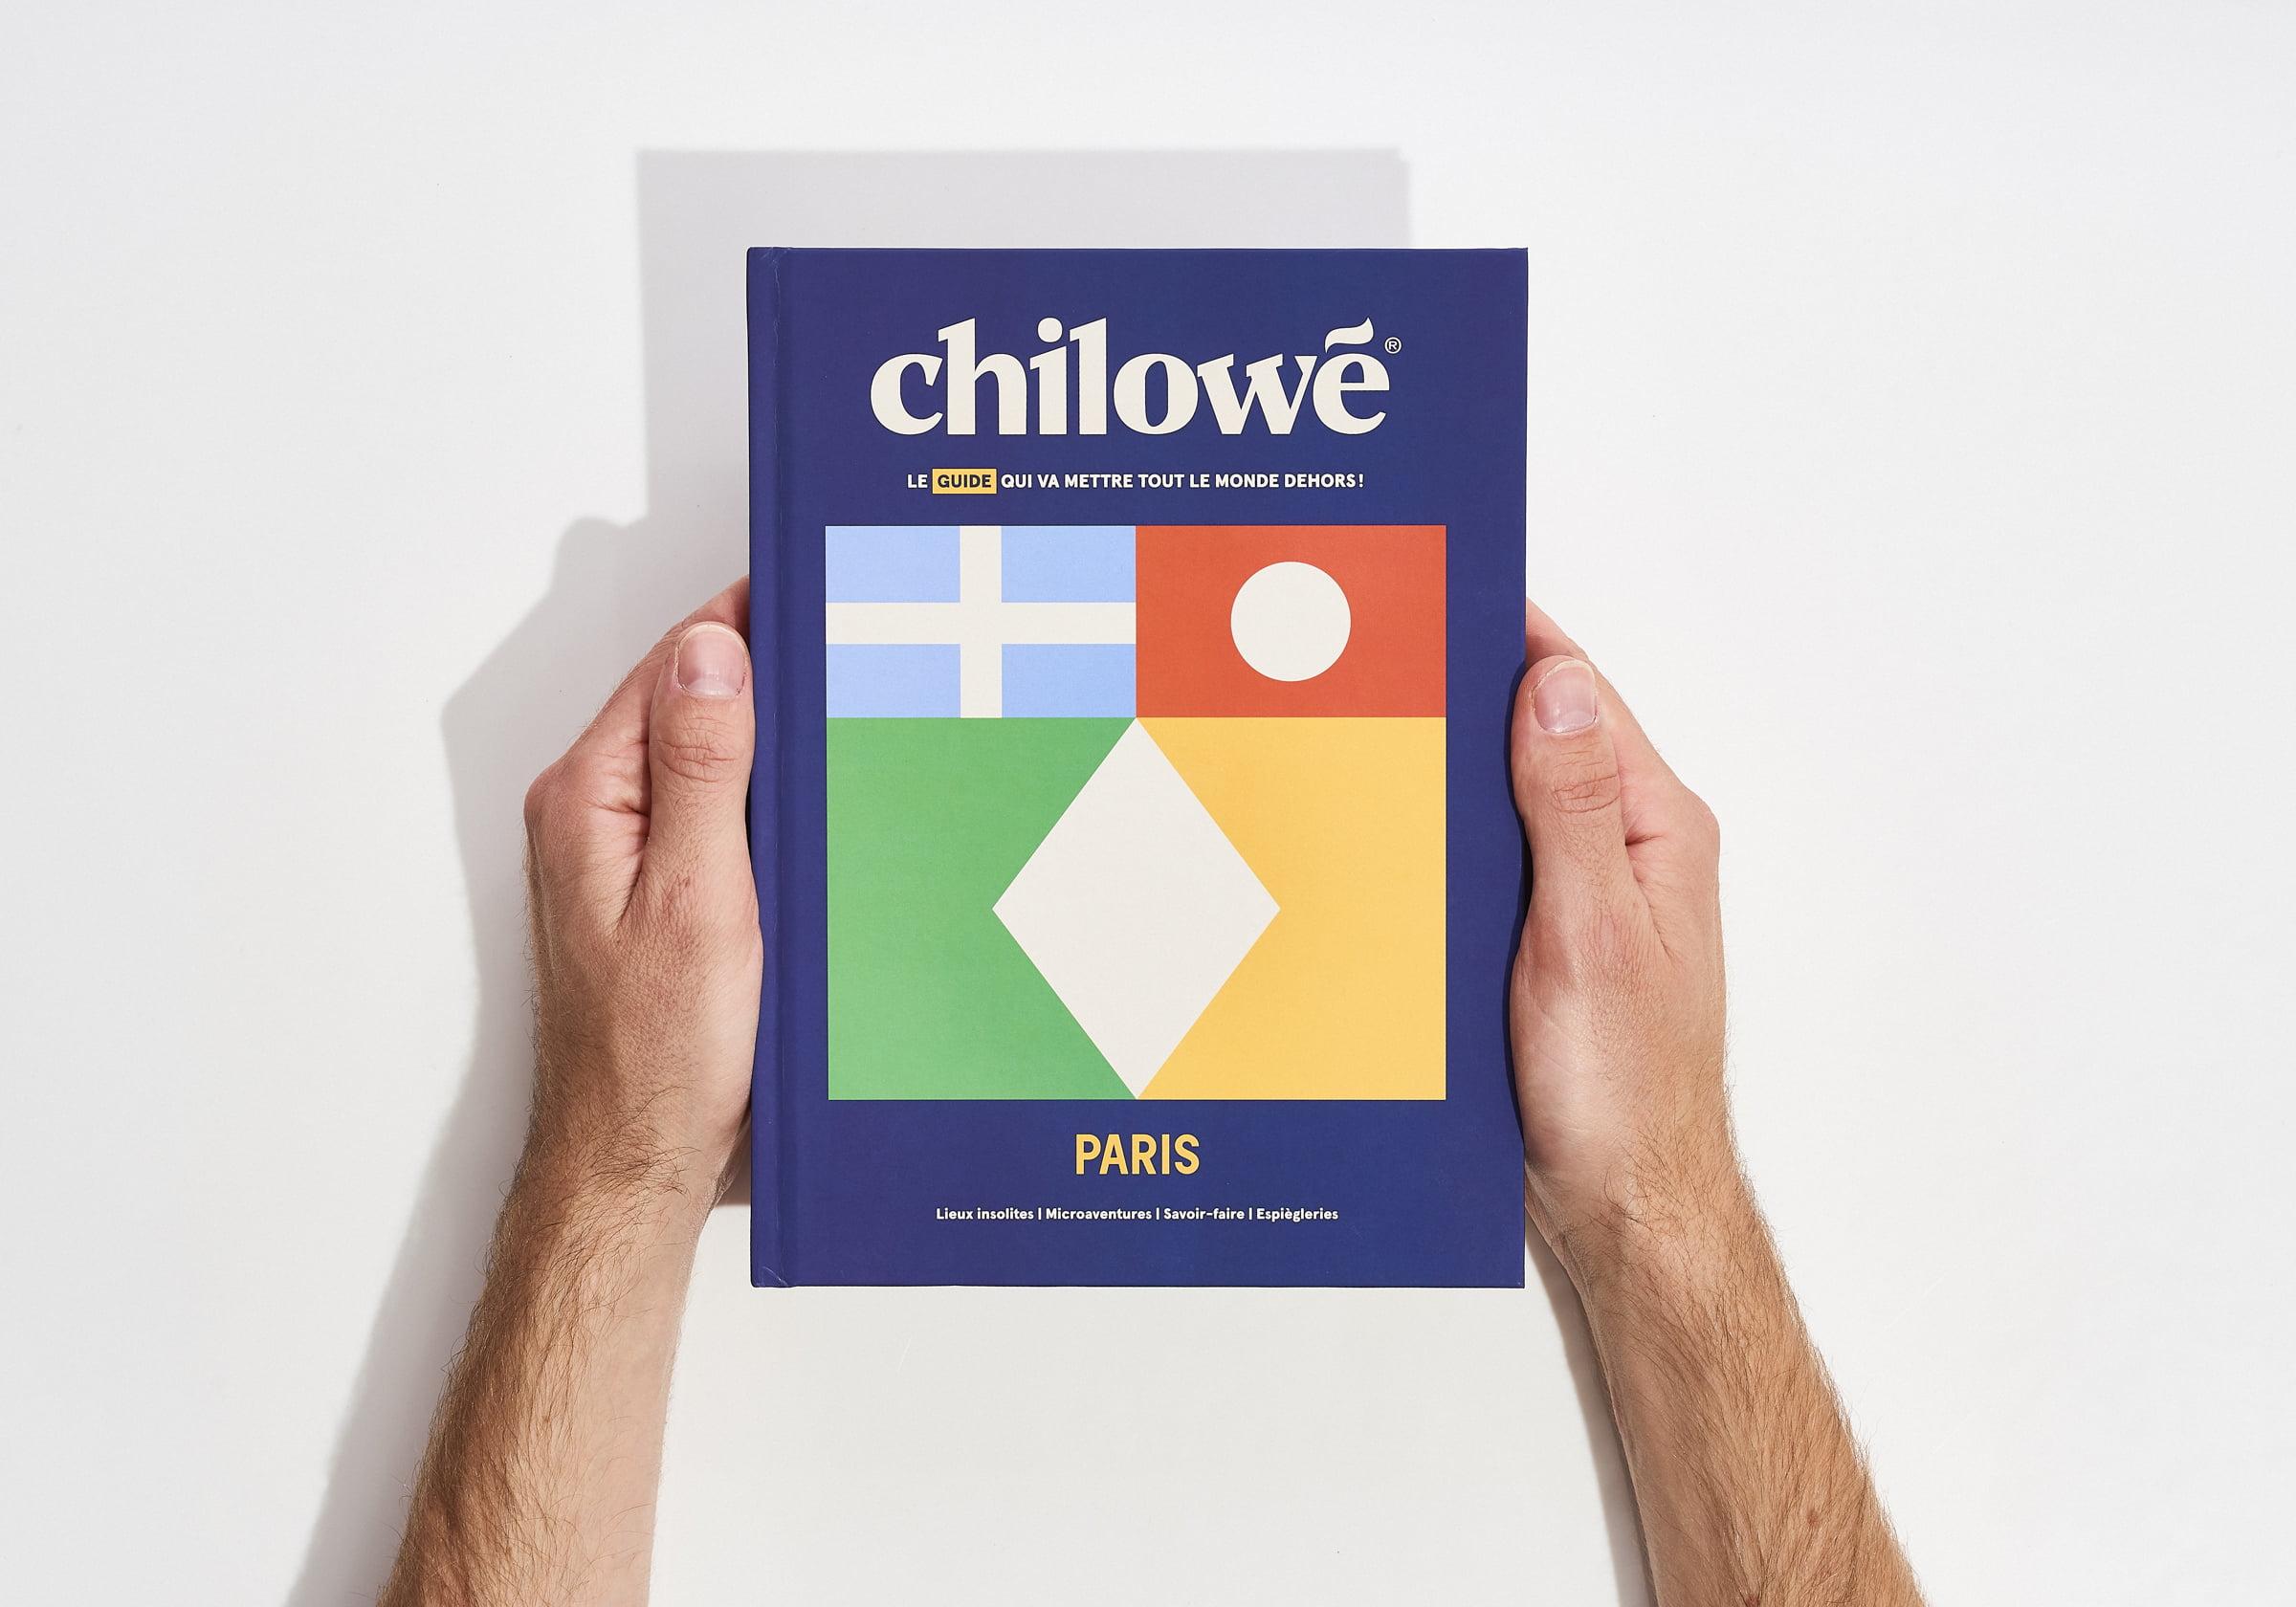 201810 Chilowe 17970 - Les globe blogueurs - blog voyage nature